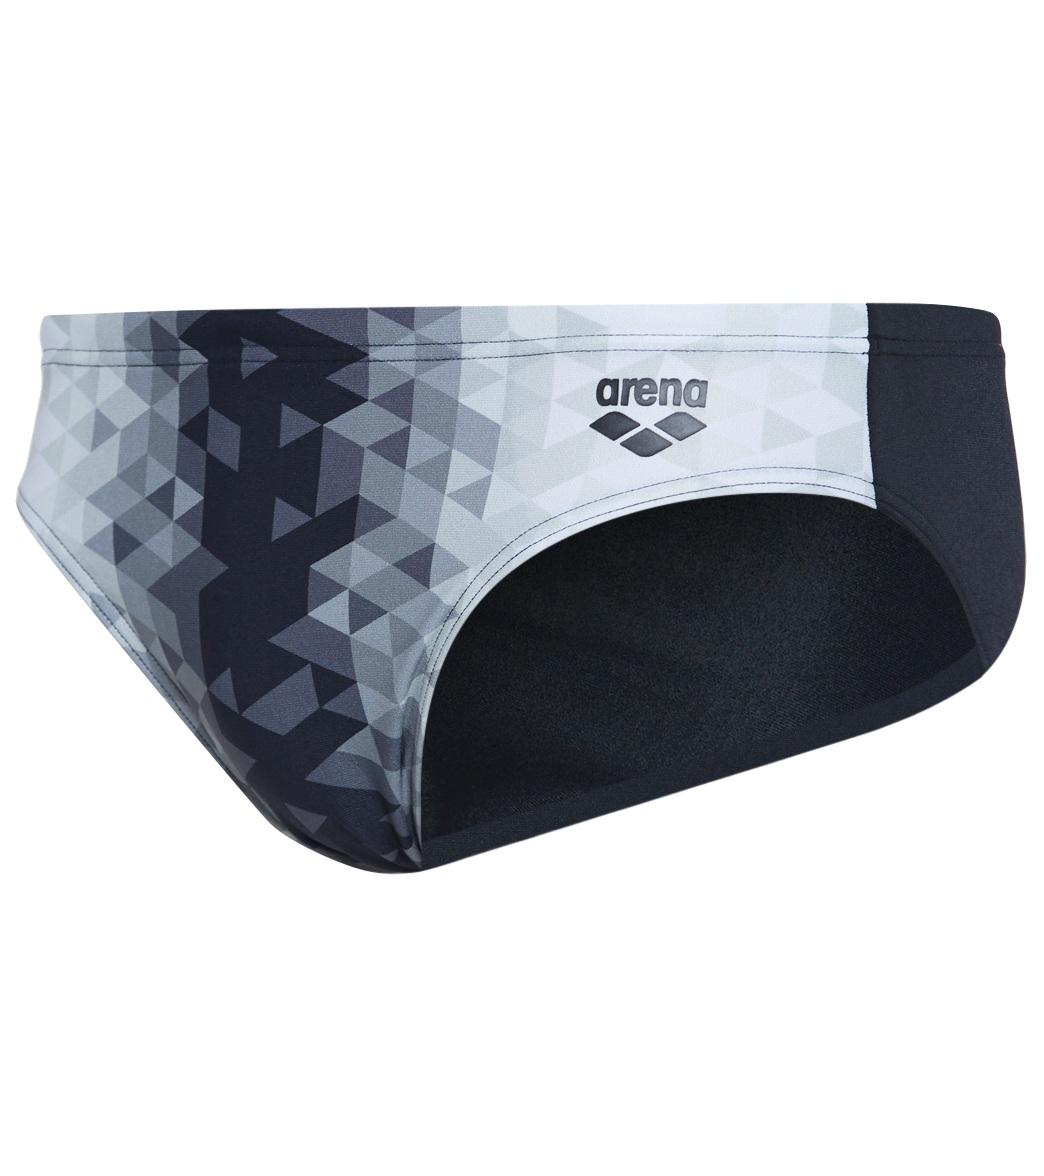 ARENA Triangle Prism MaxLife Brief Swimsuit Black 34 Black Multicolor